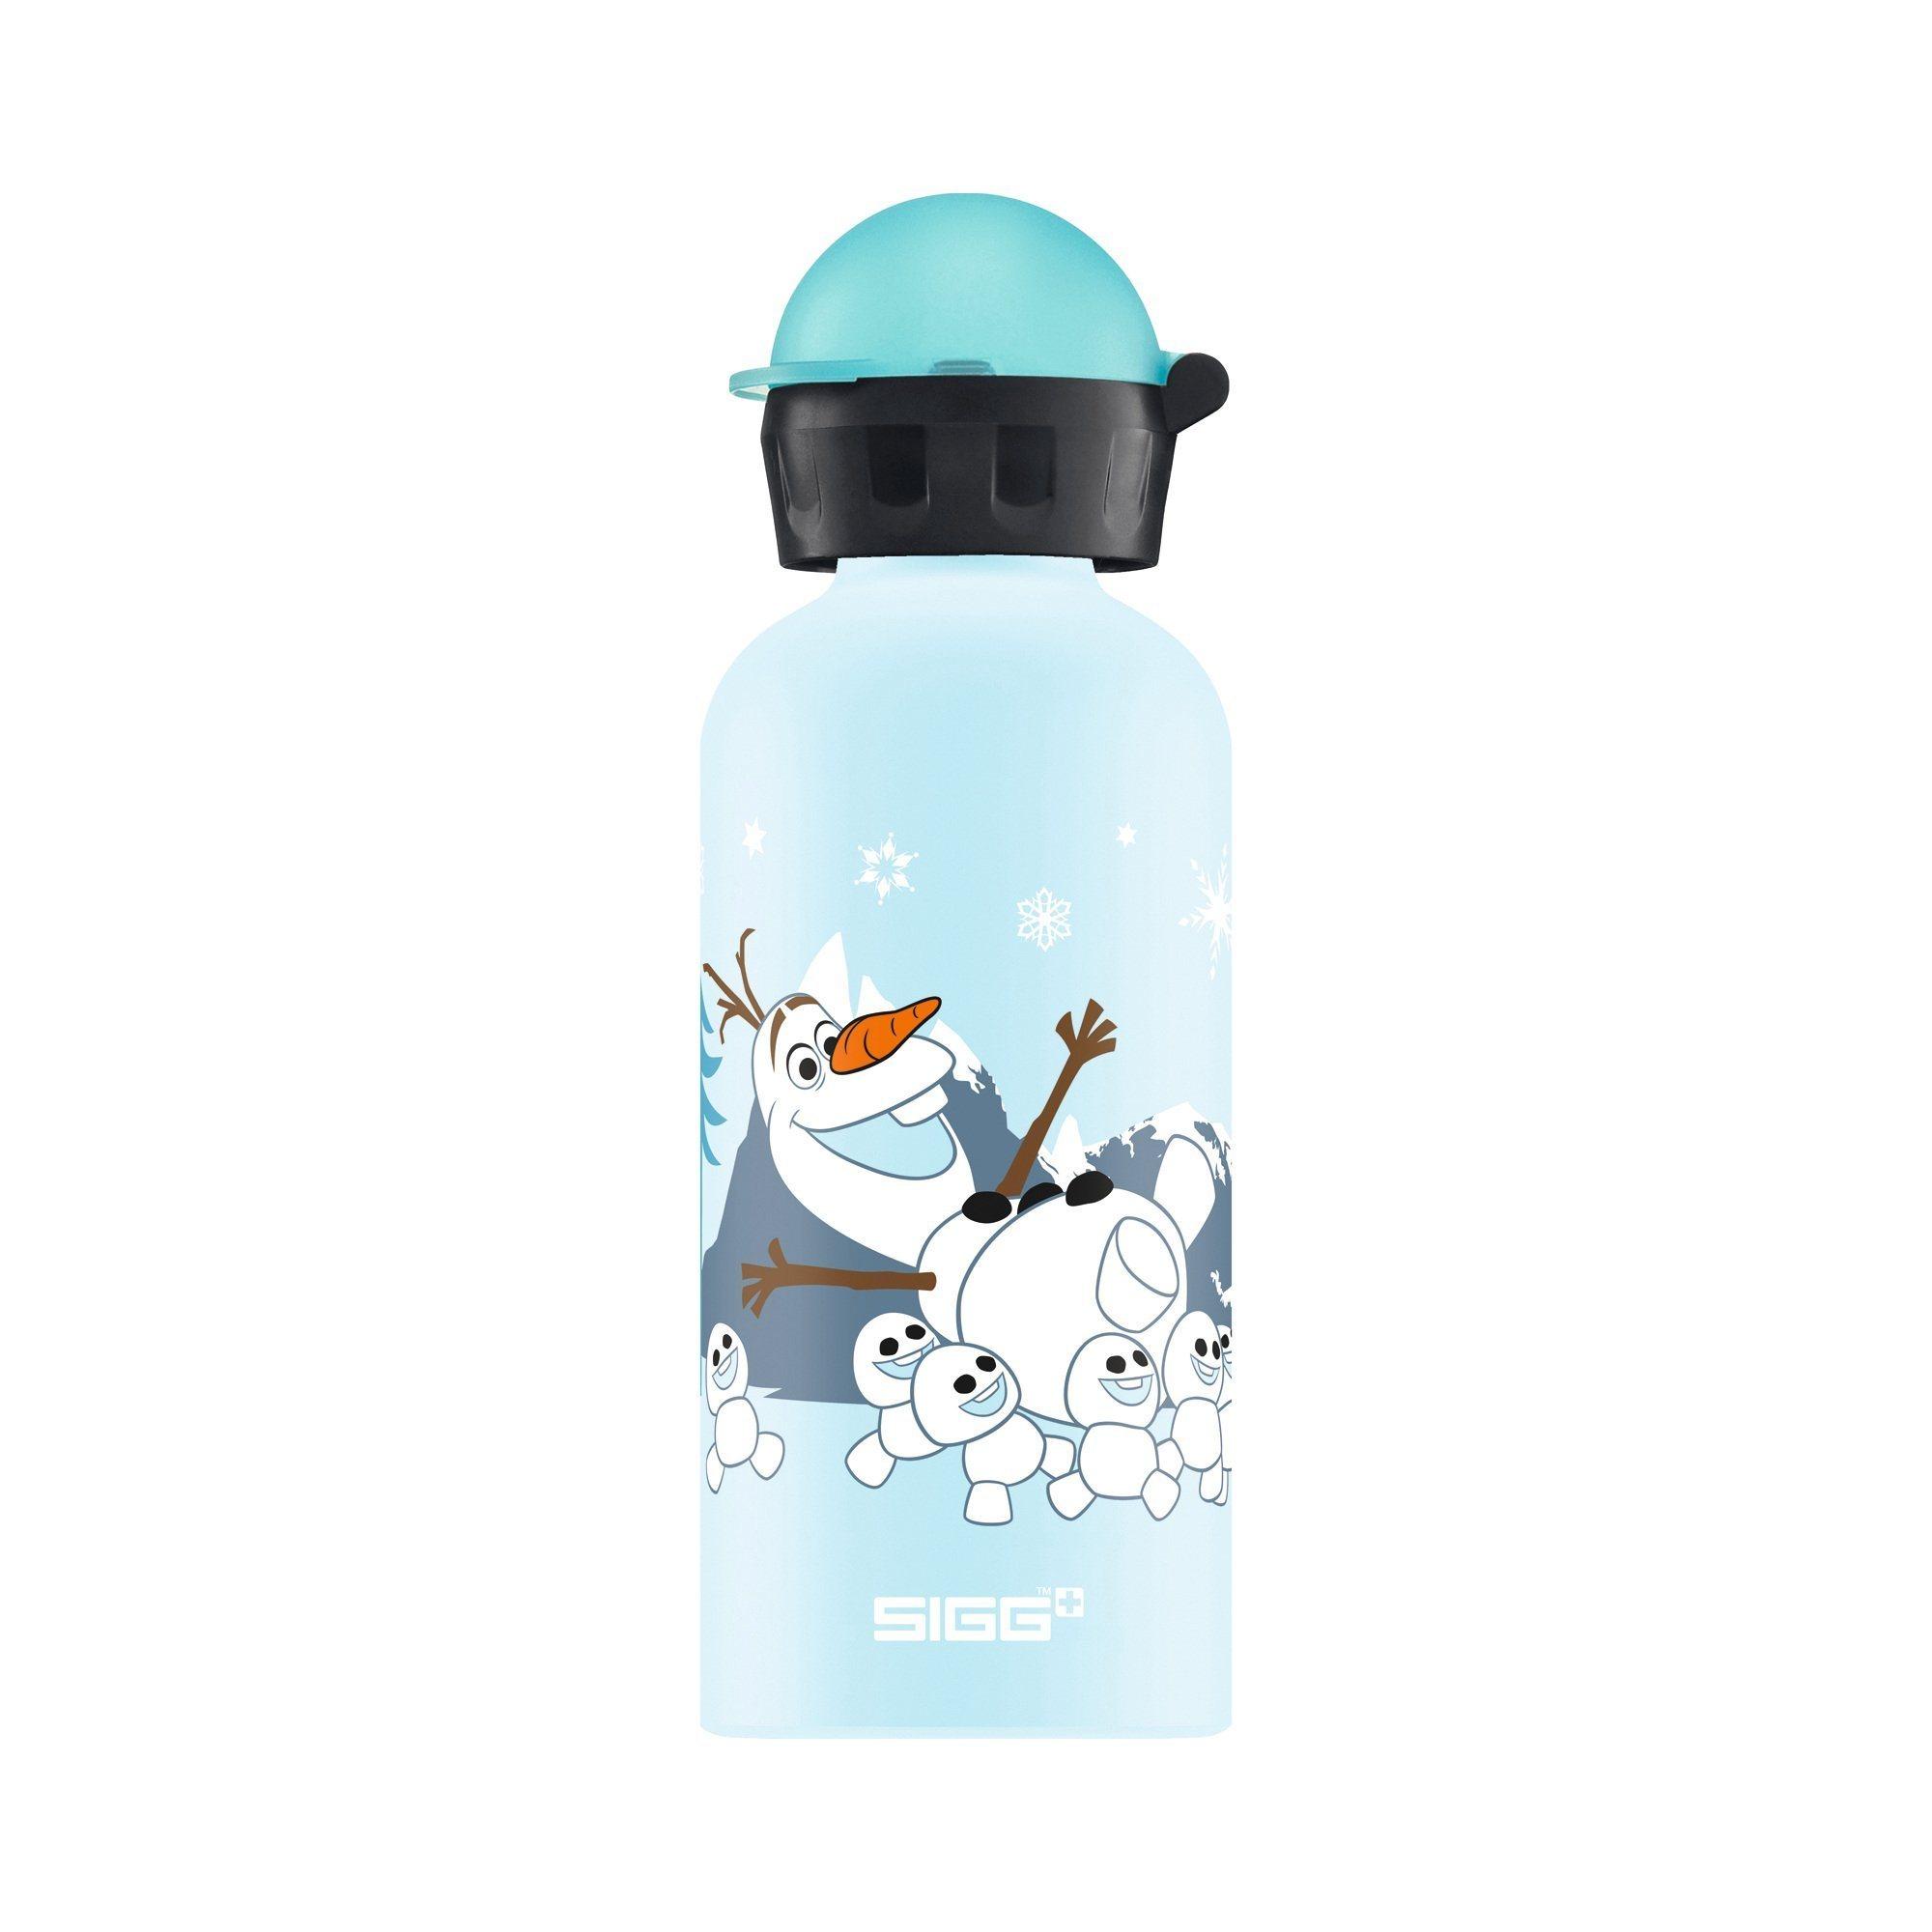 SIGG Alu-Trinkflasche Olaf 0,4 l